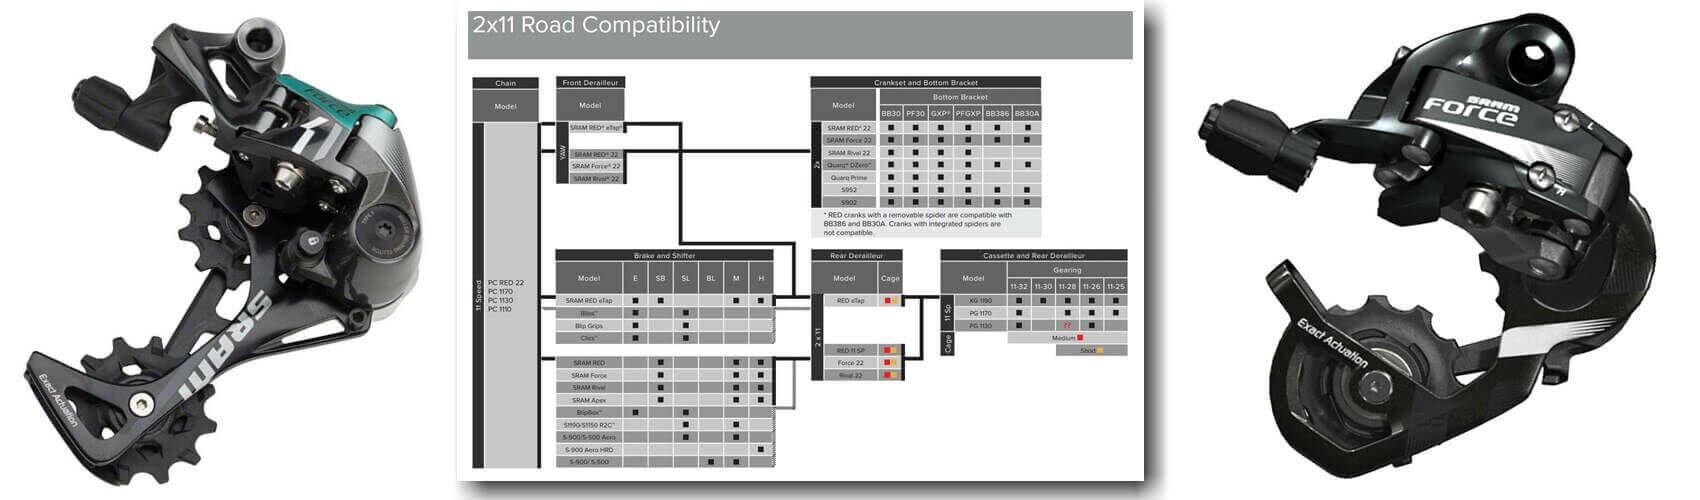 7k_Régebbi és modern váltórendszerek kompatibilitása